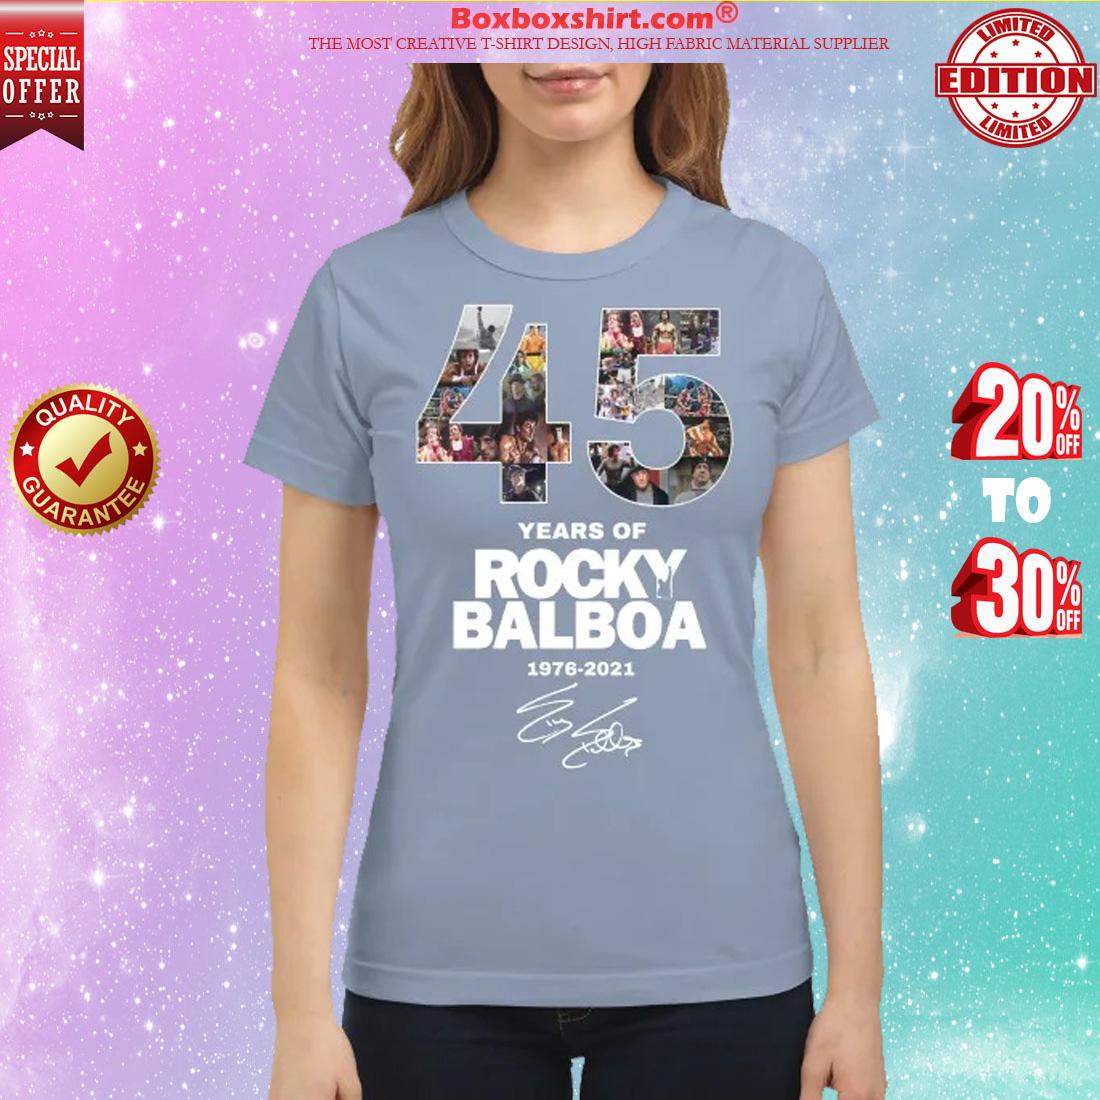 45 years of Rocky Balboa 1976 2021 shirt